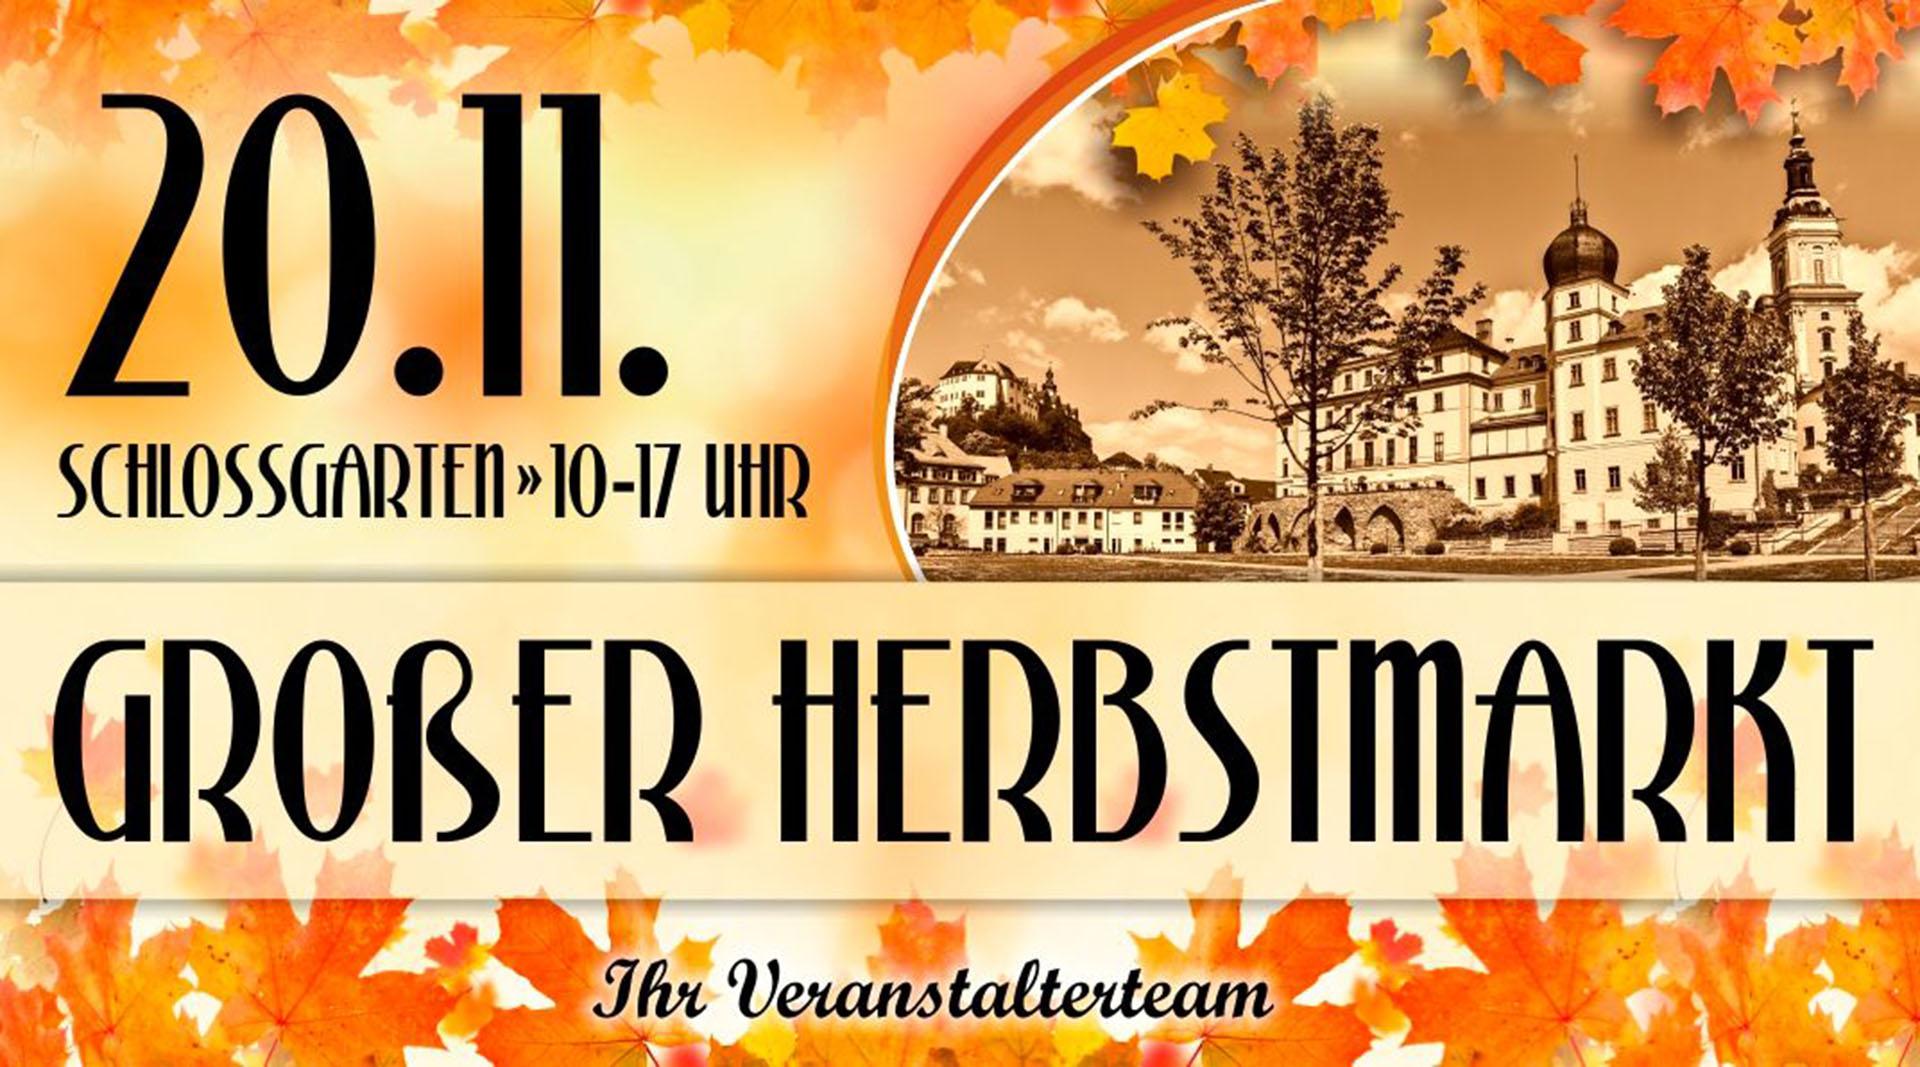 Großer Herbstmarkt am 20.11. im Schlossgarten